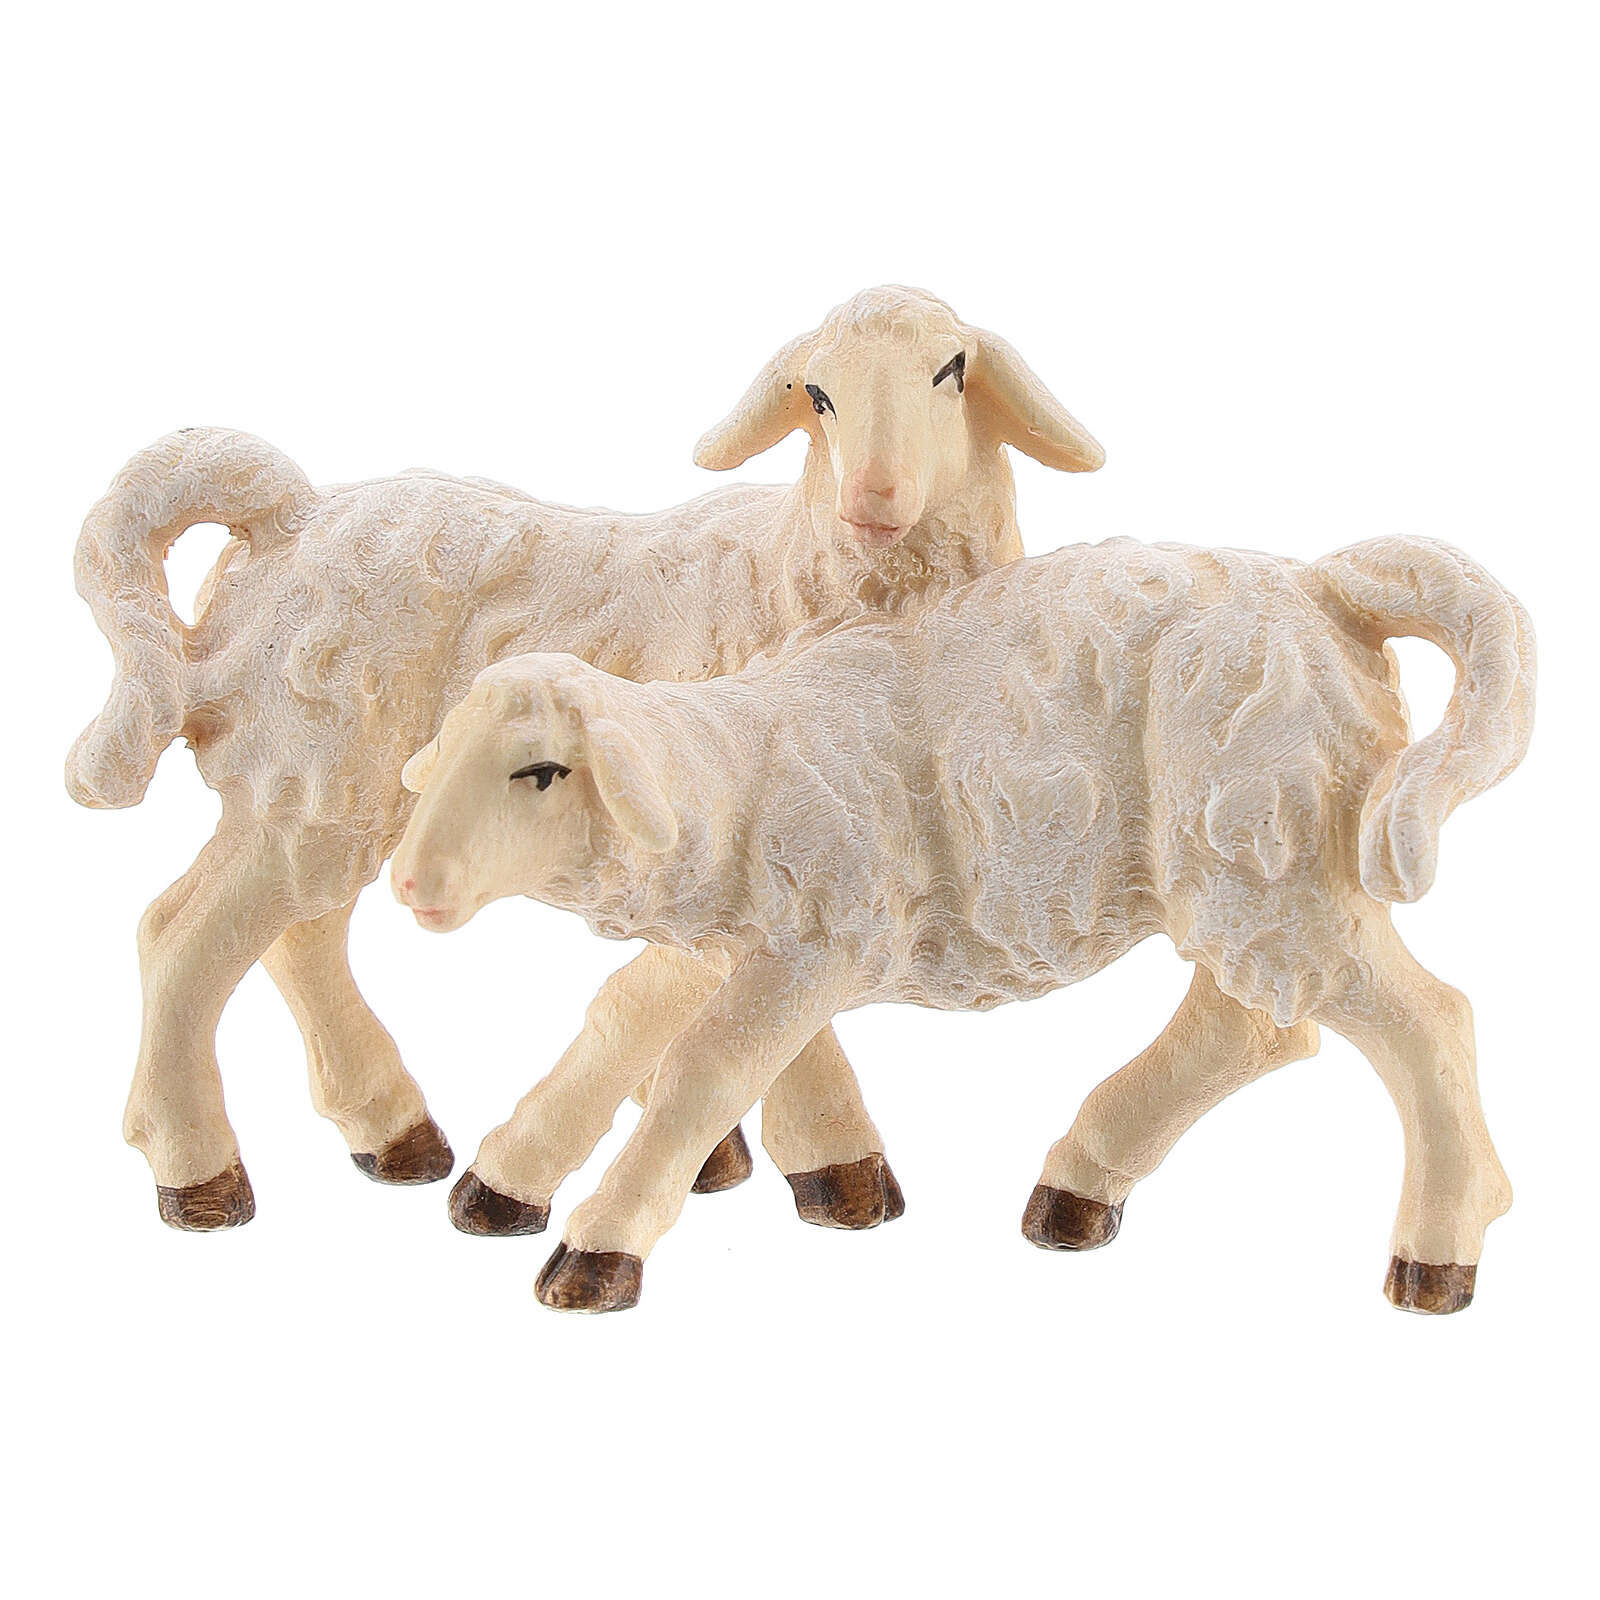 Groupe d'agneaux bois peint crèche Kostner 12 cm 4